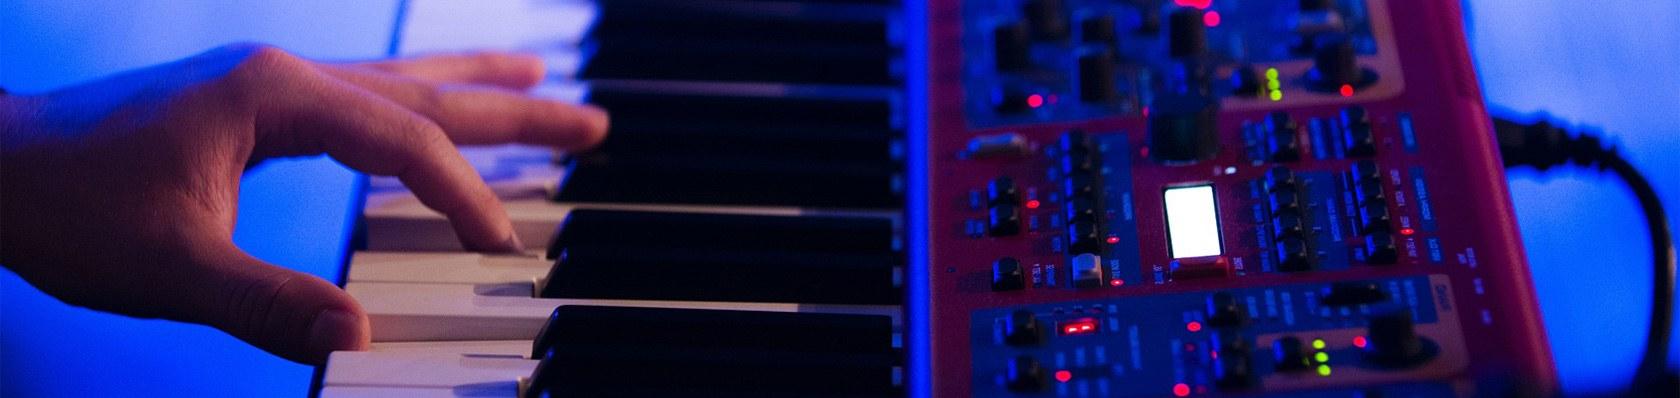 Keyboards im Test auf ExpertenTesten.de